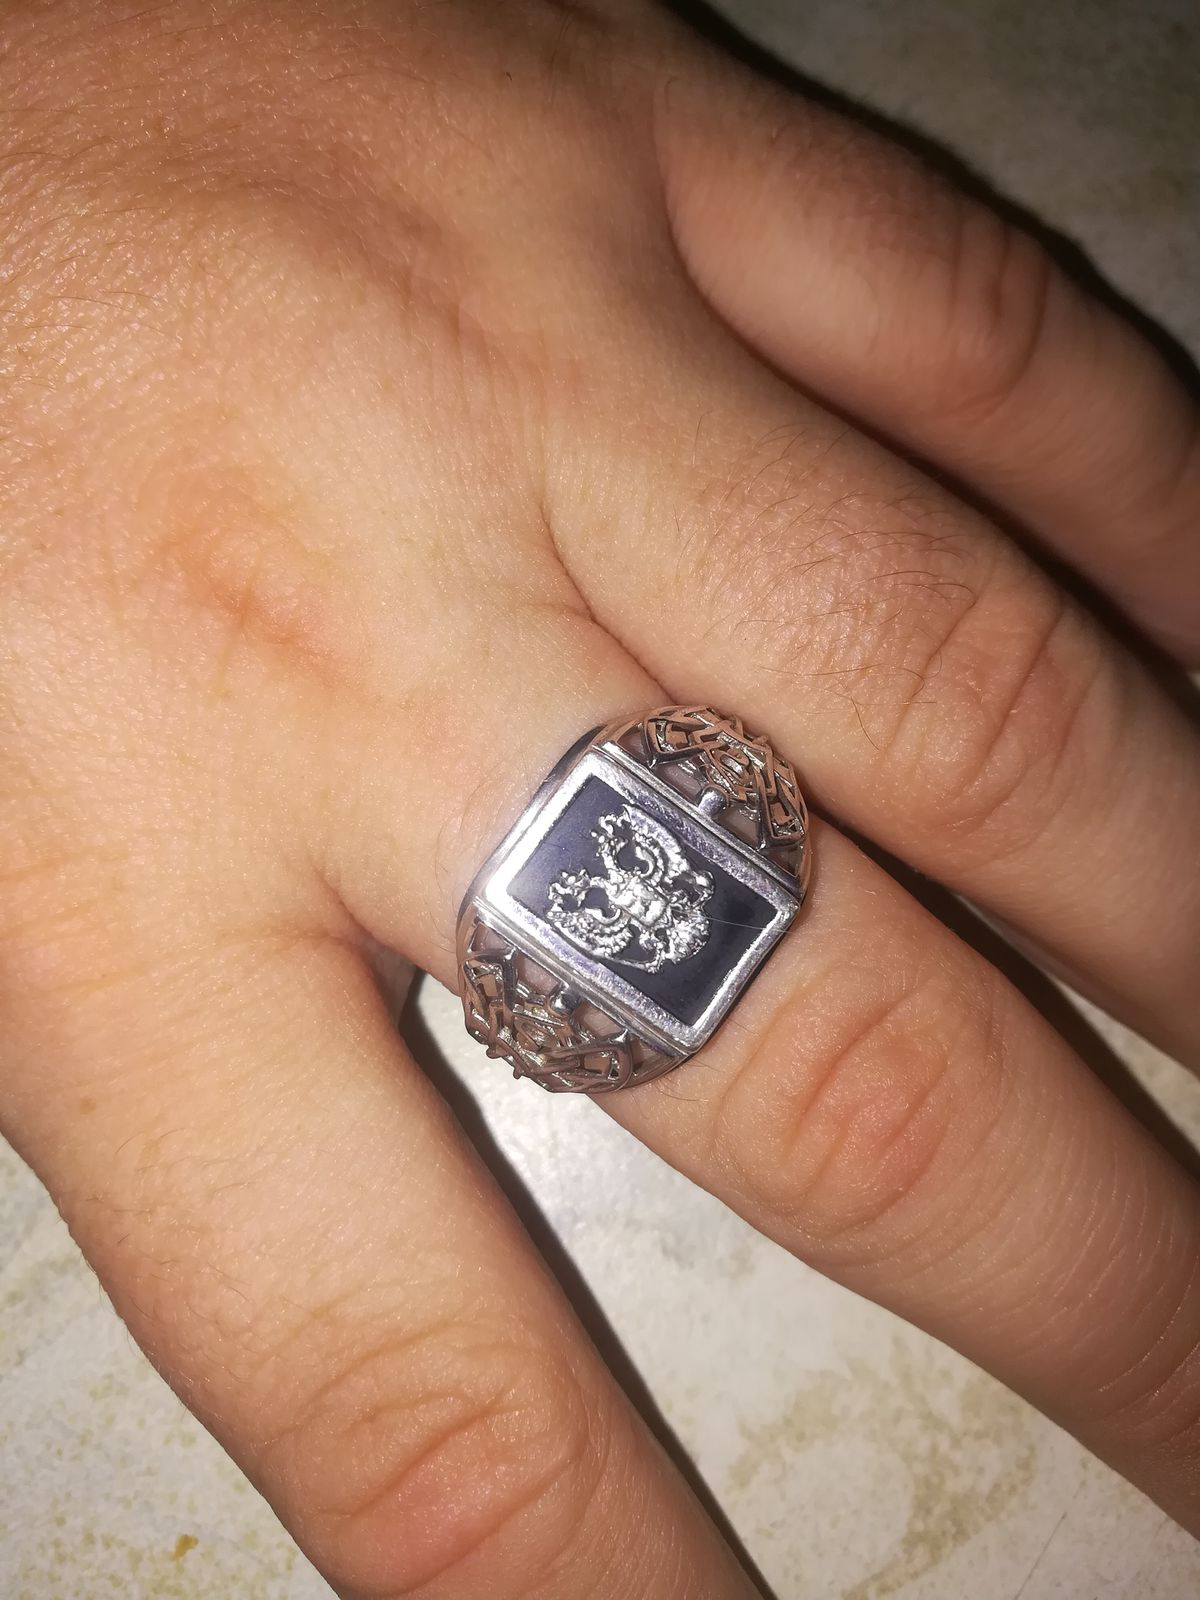 Брутальное мужское кольцо.